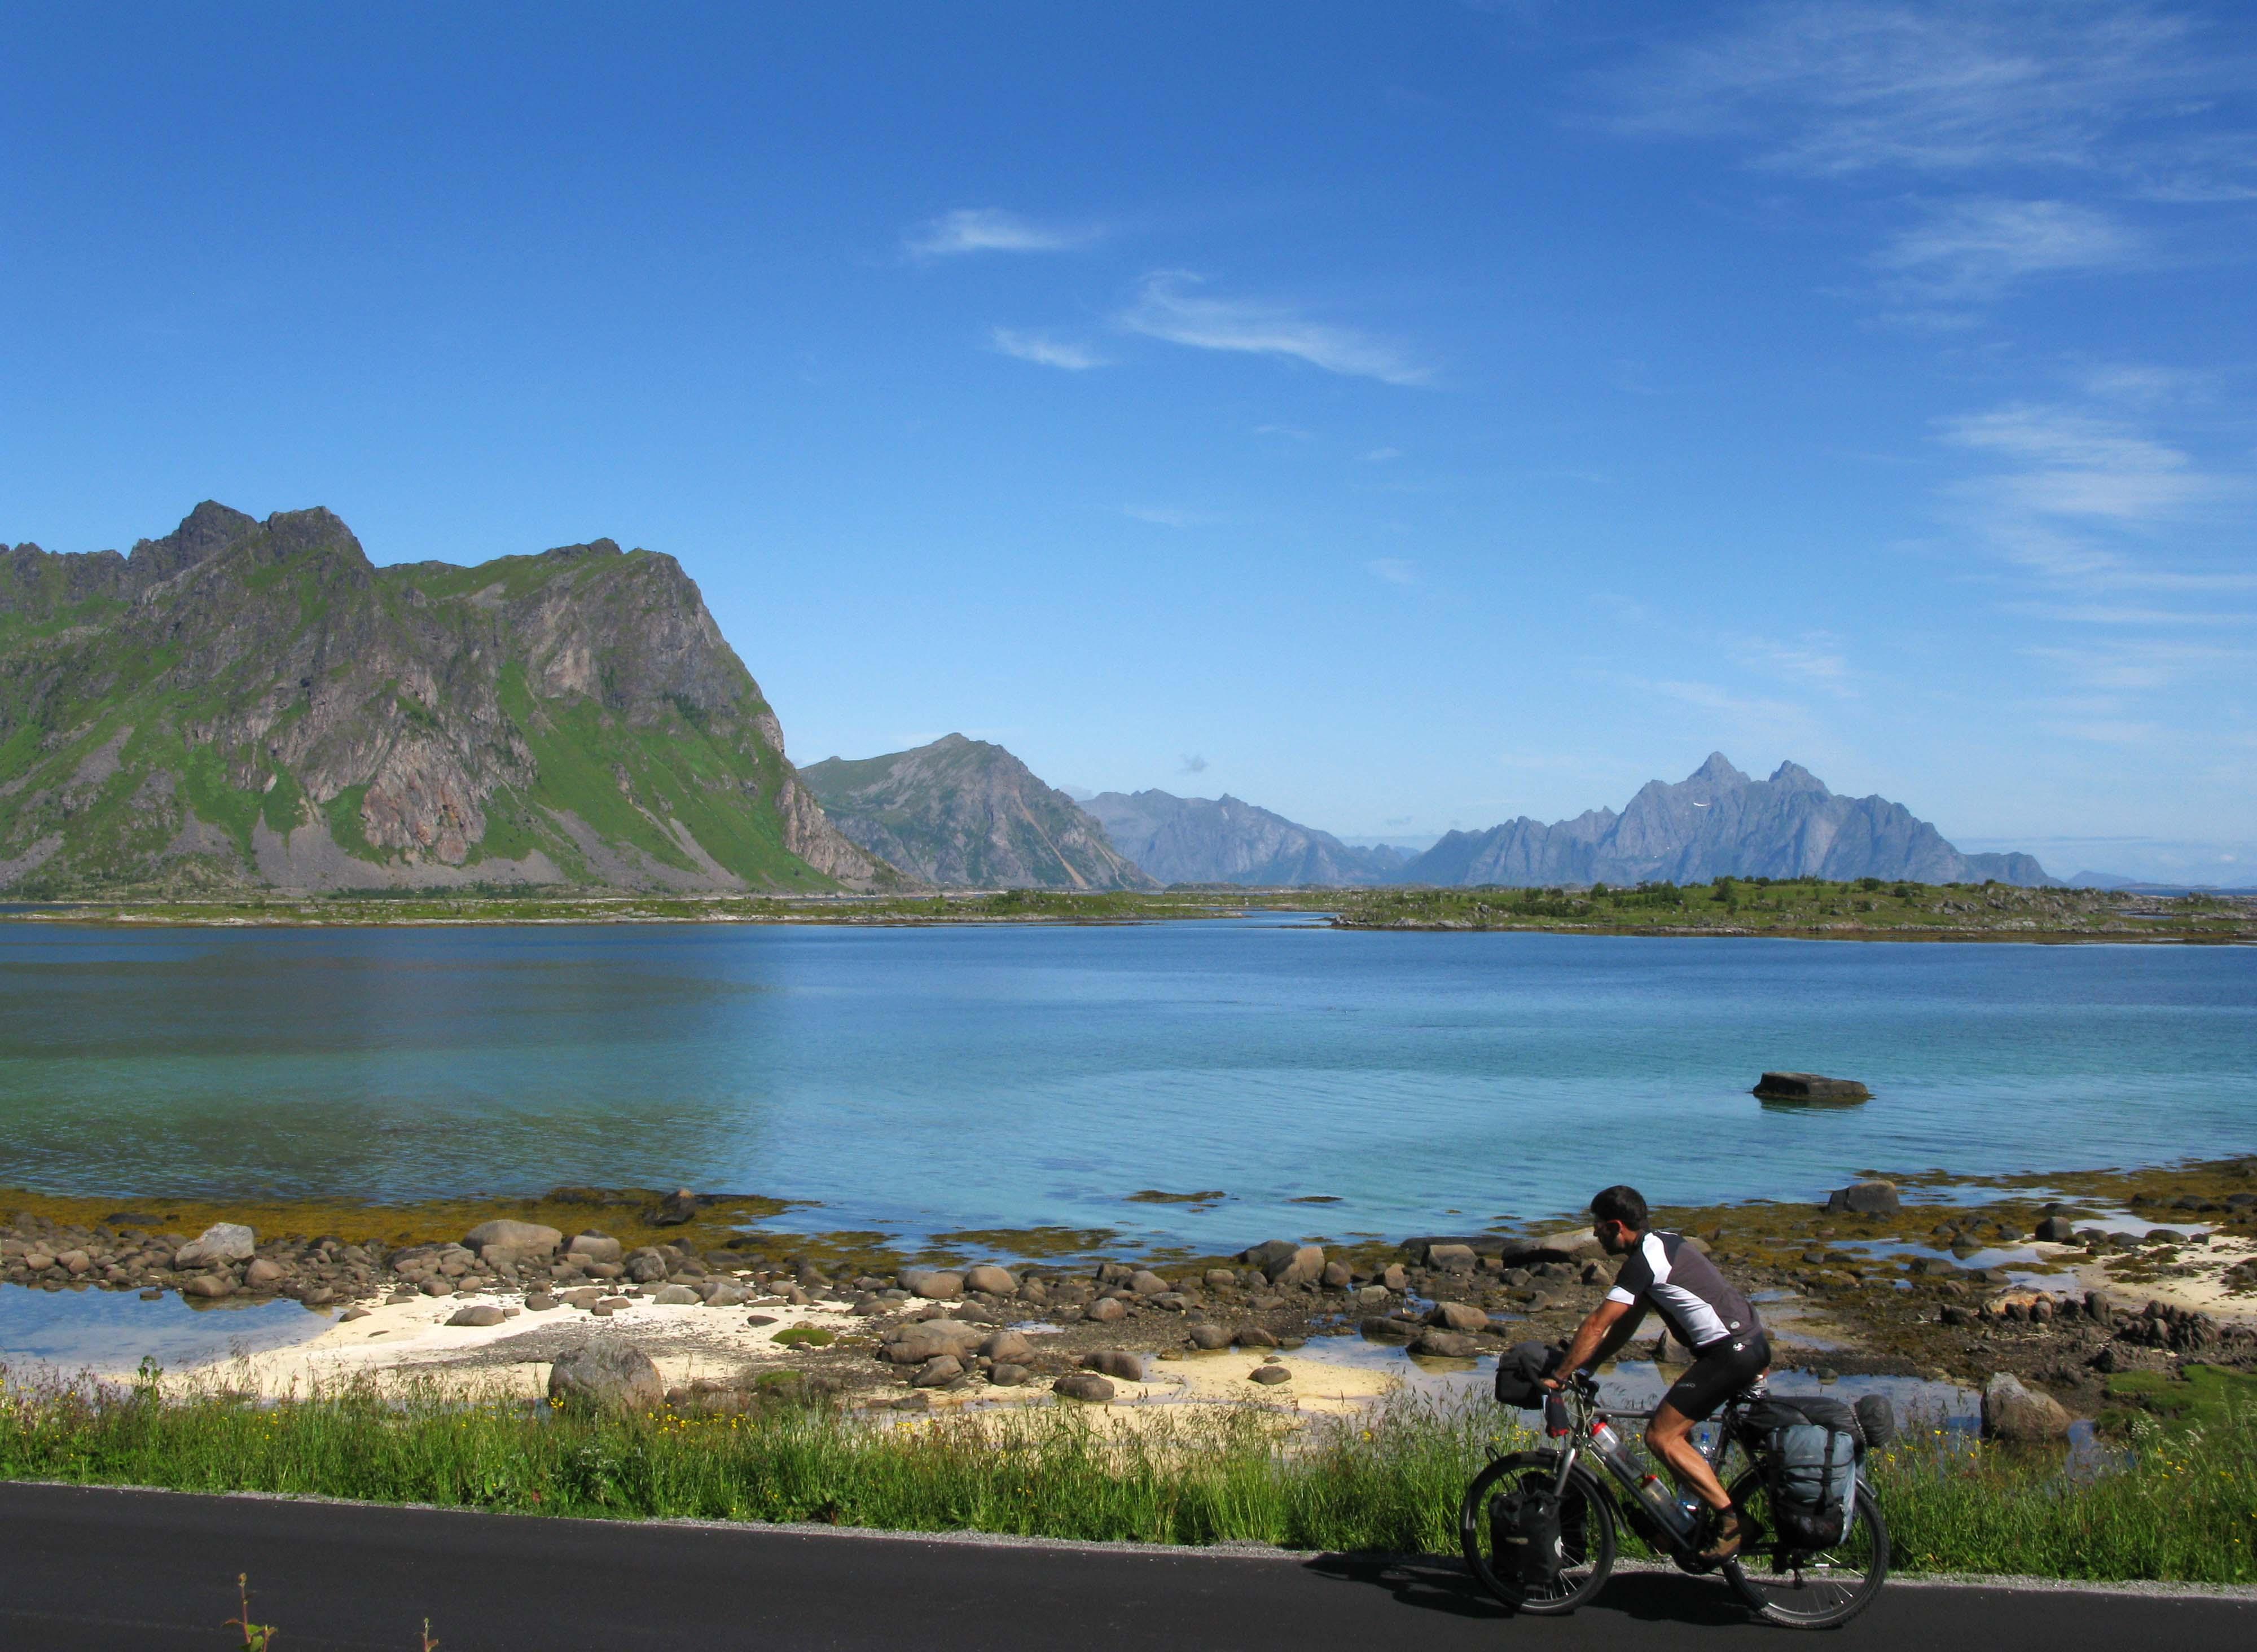 norwegen-lofoten-blau-berge-meer